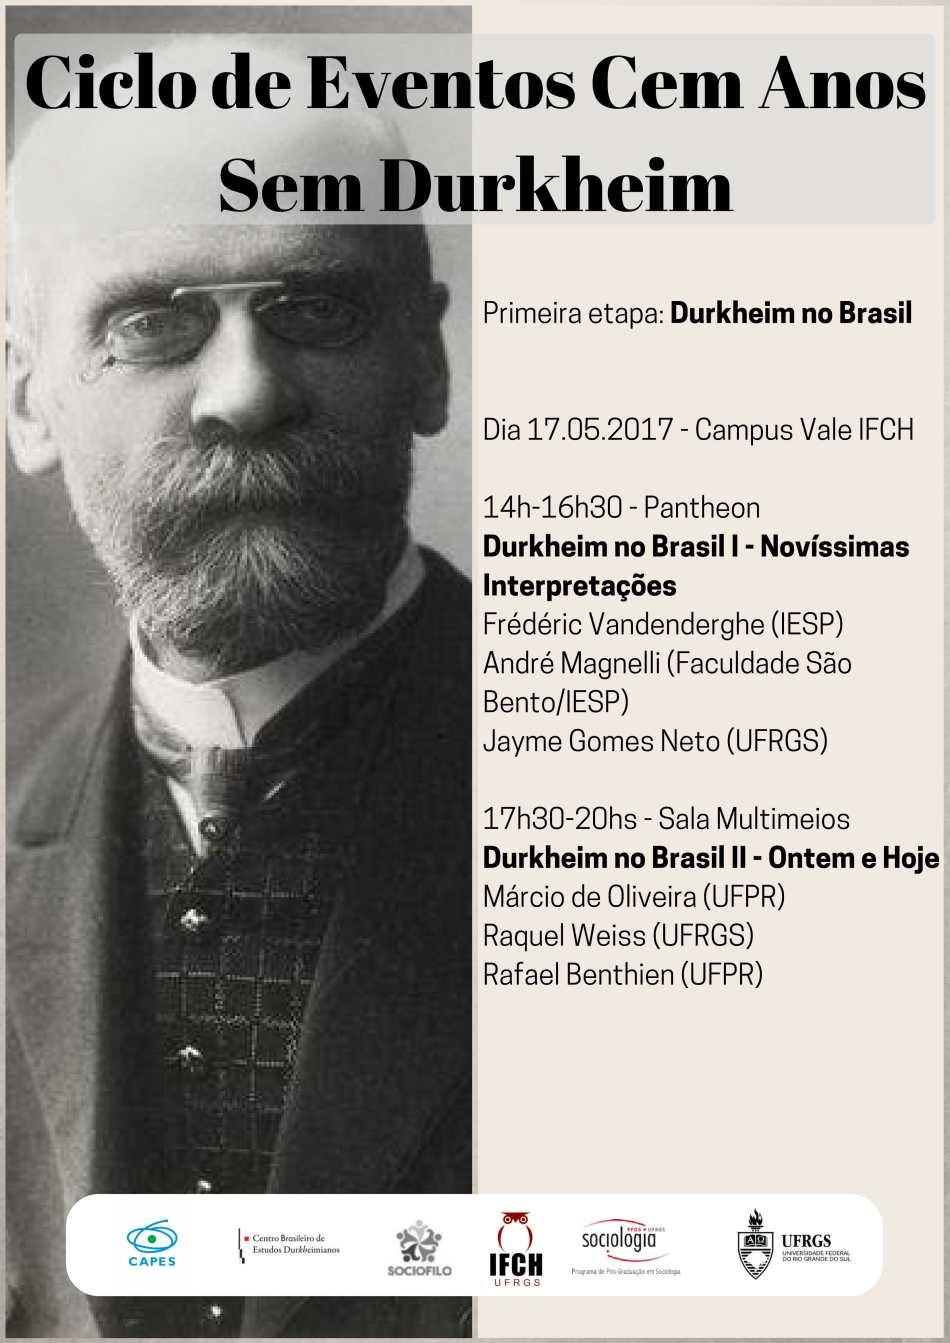 Ciclo de Eventos Cem Anos Sem Durkheim (1)-1